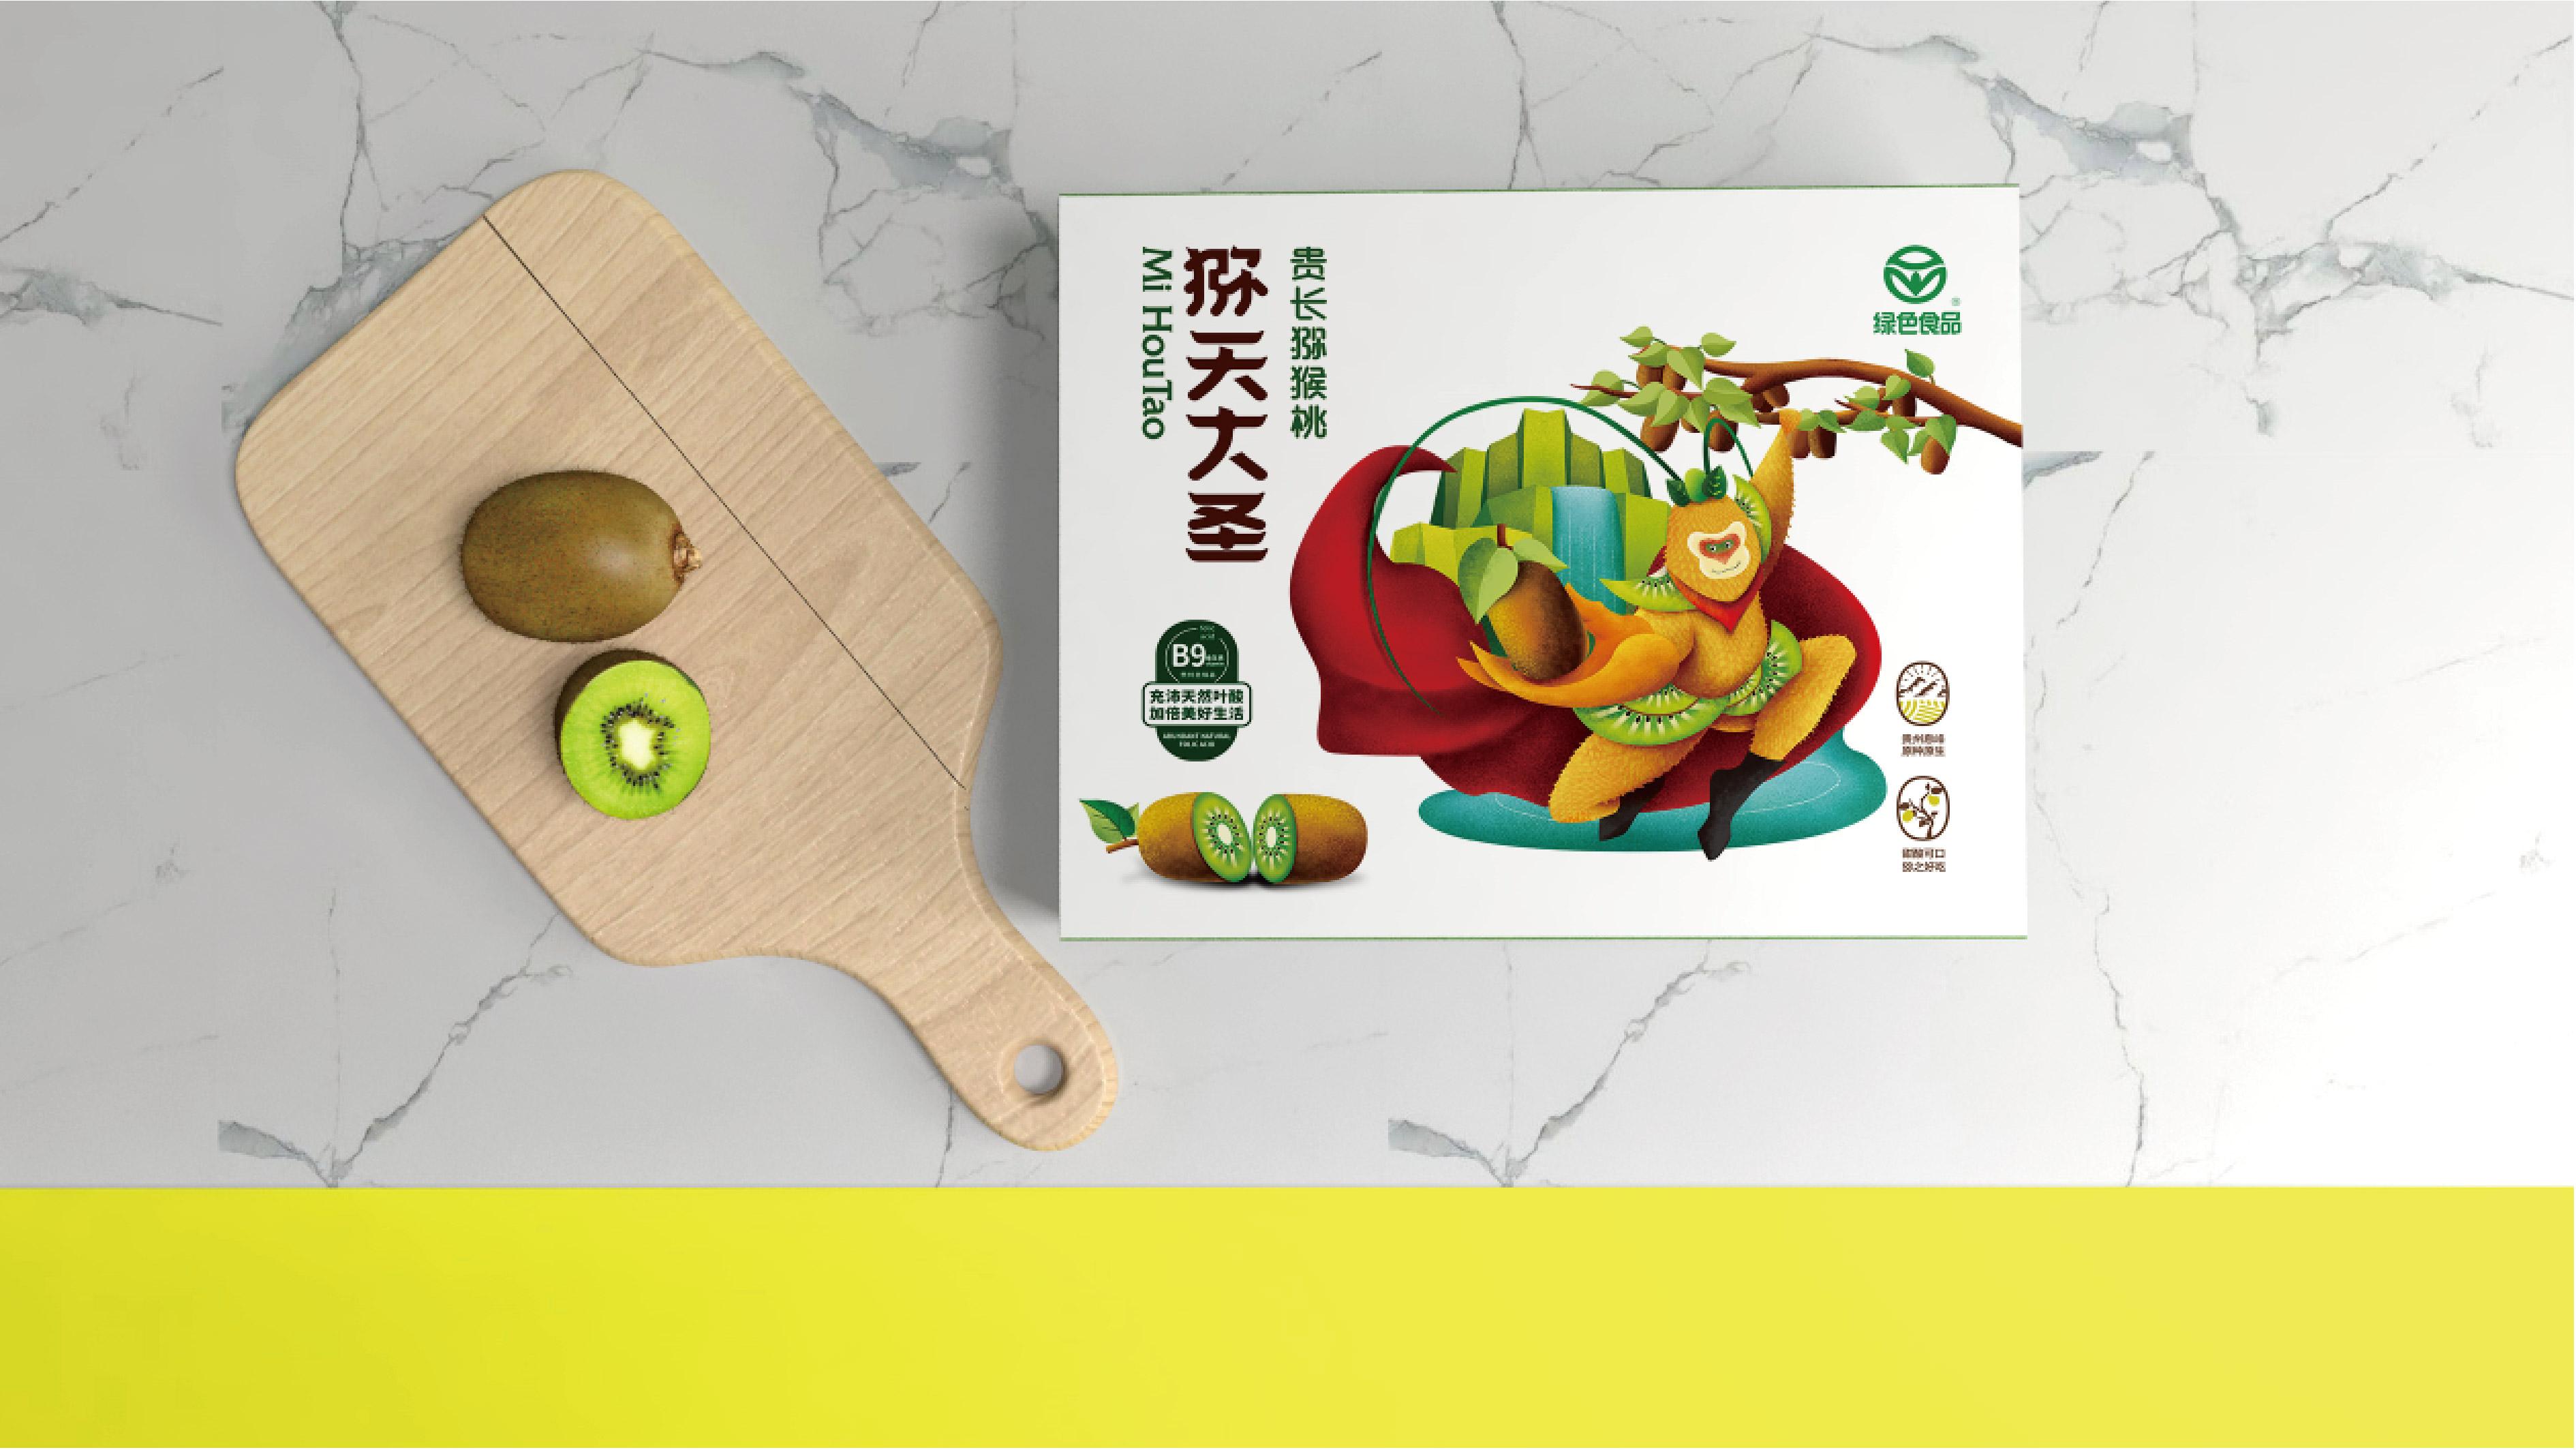 洪9獼猴桃-洪9獼猴桃-05